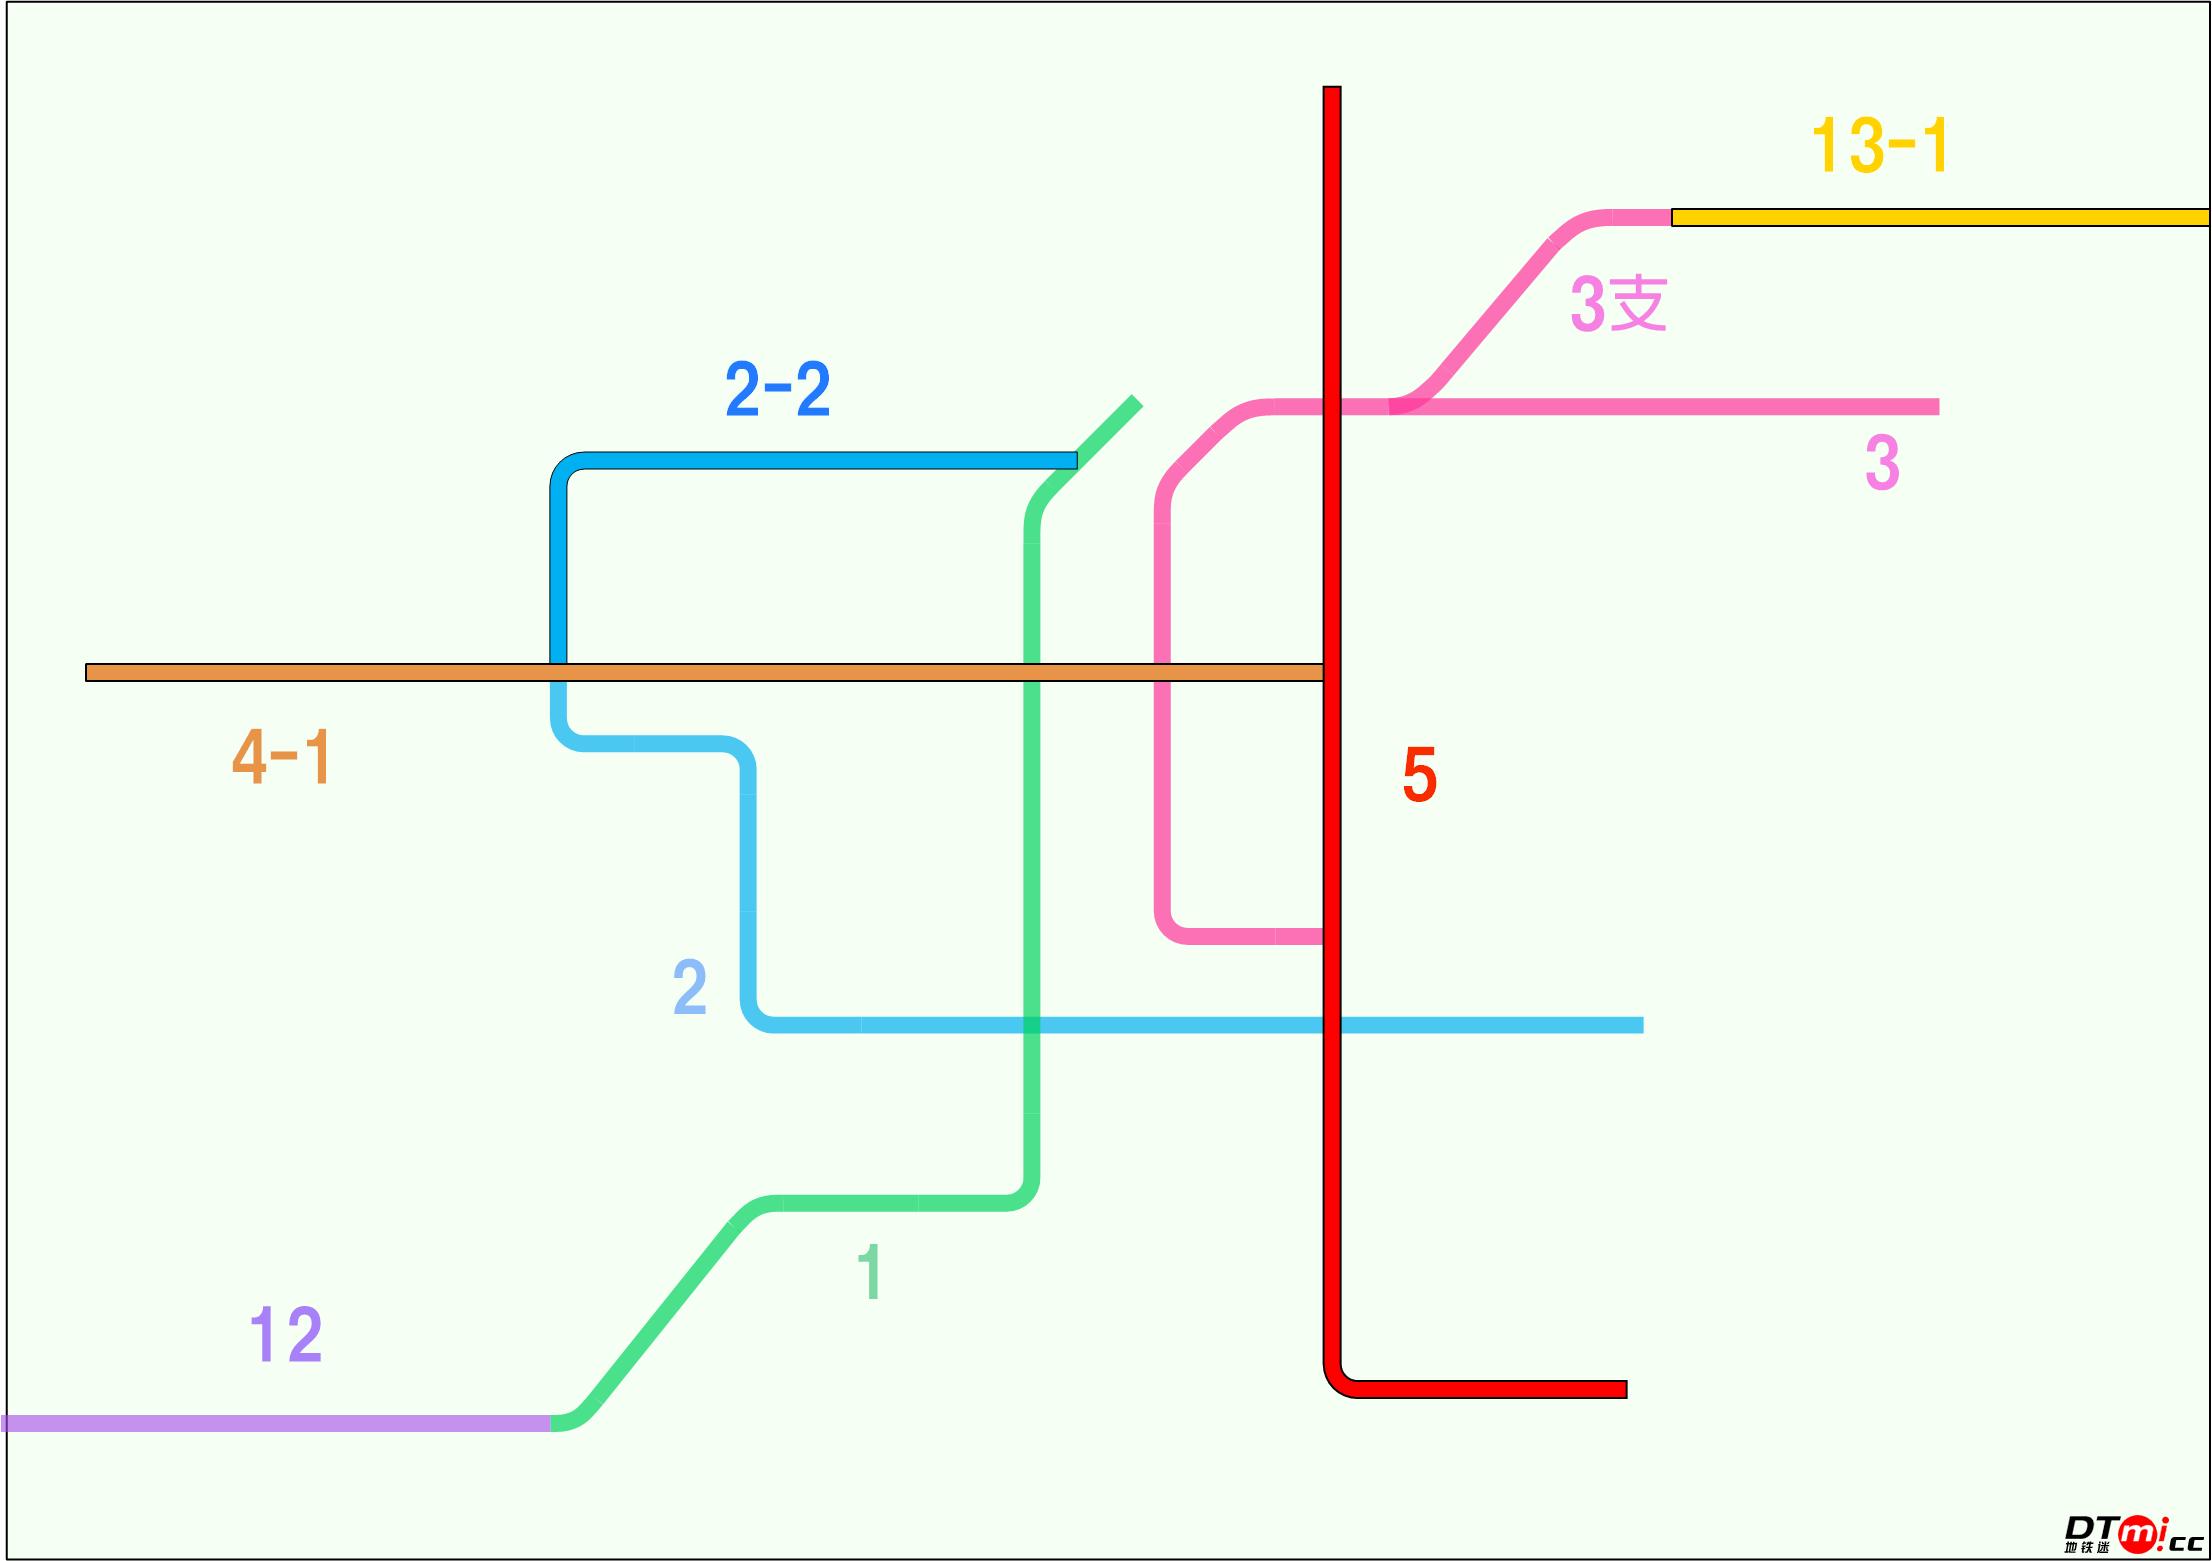 大连地铁在建线路.png